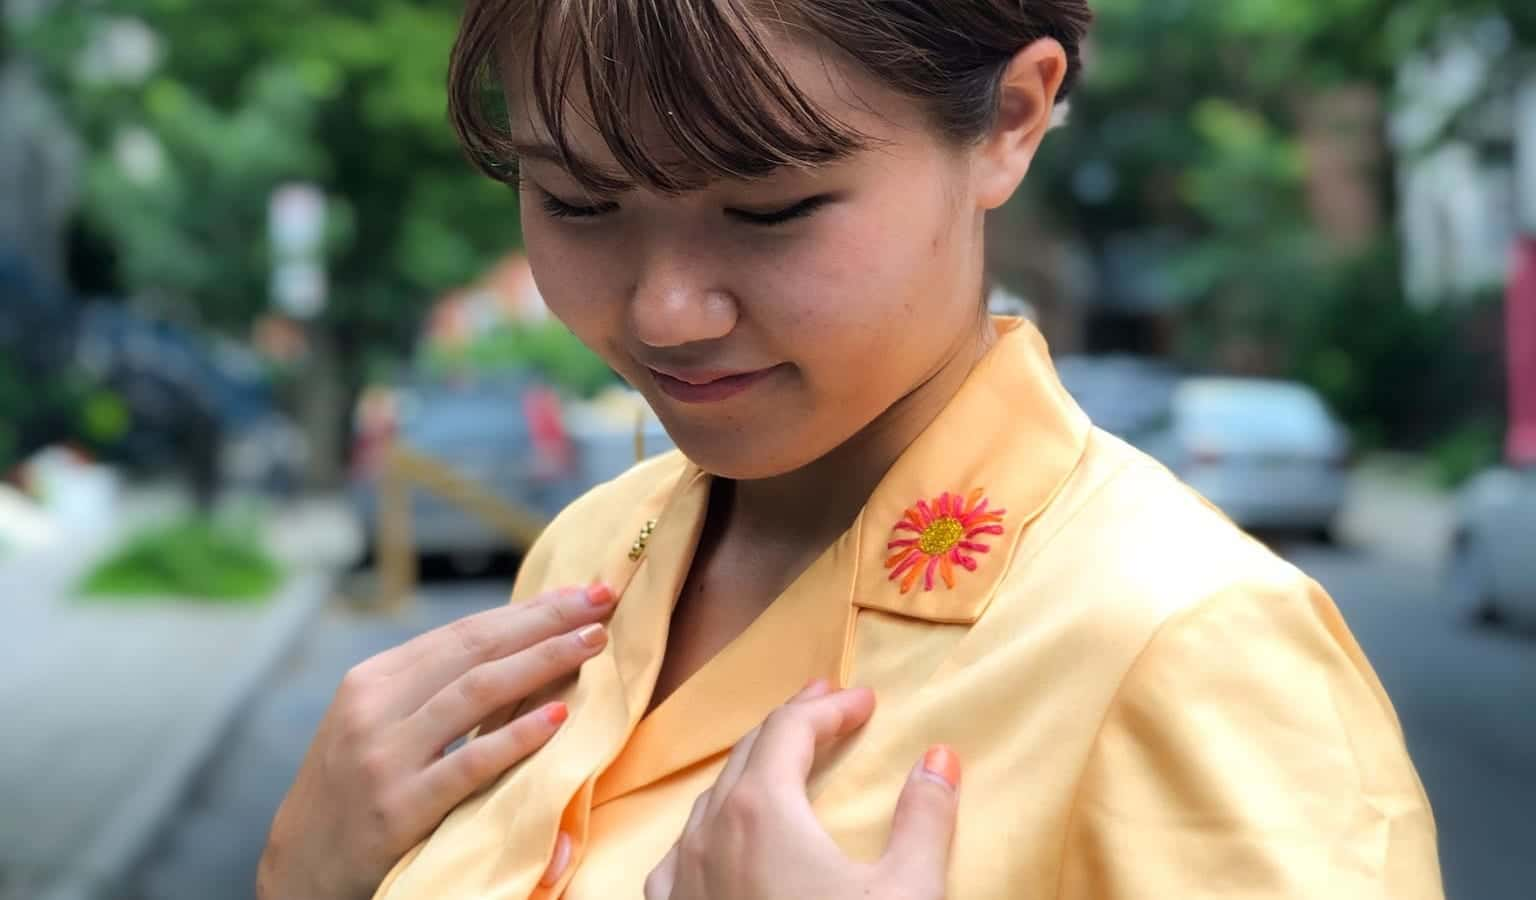 個性を縫い付ける服のリメイクムーブメント「#MendItMine」